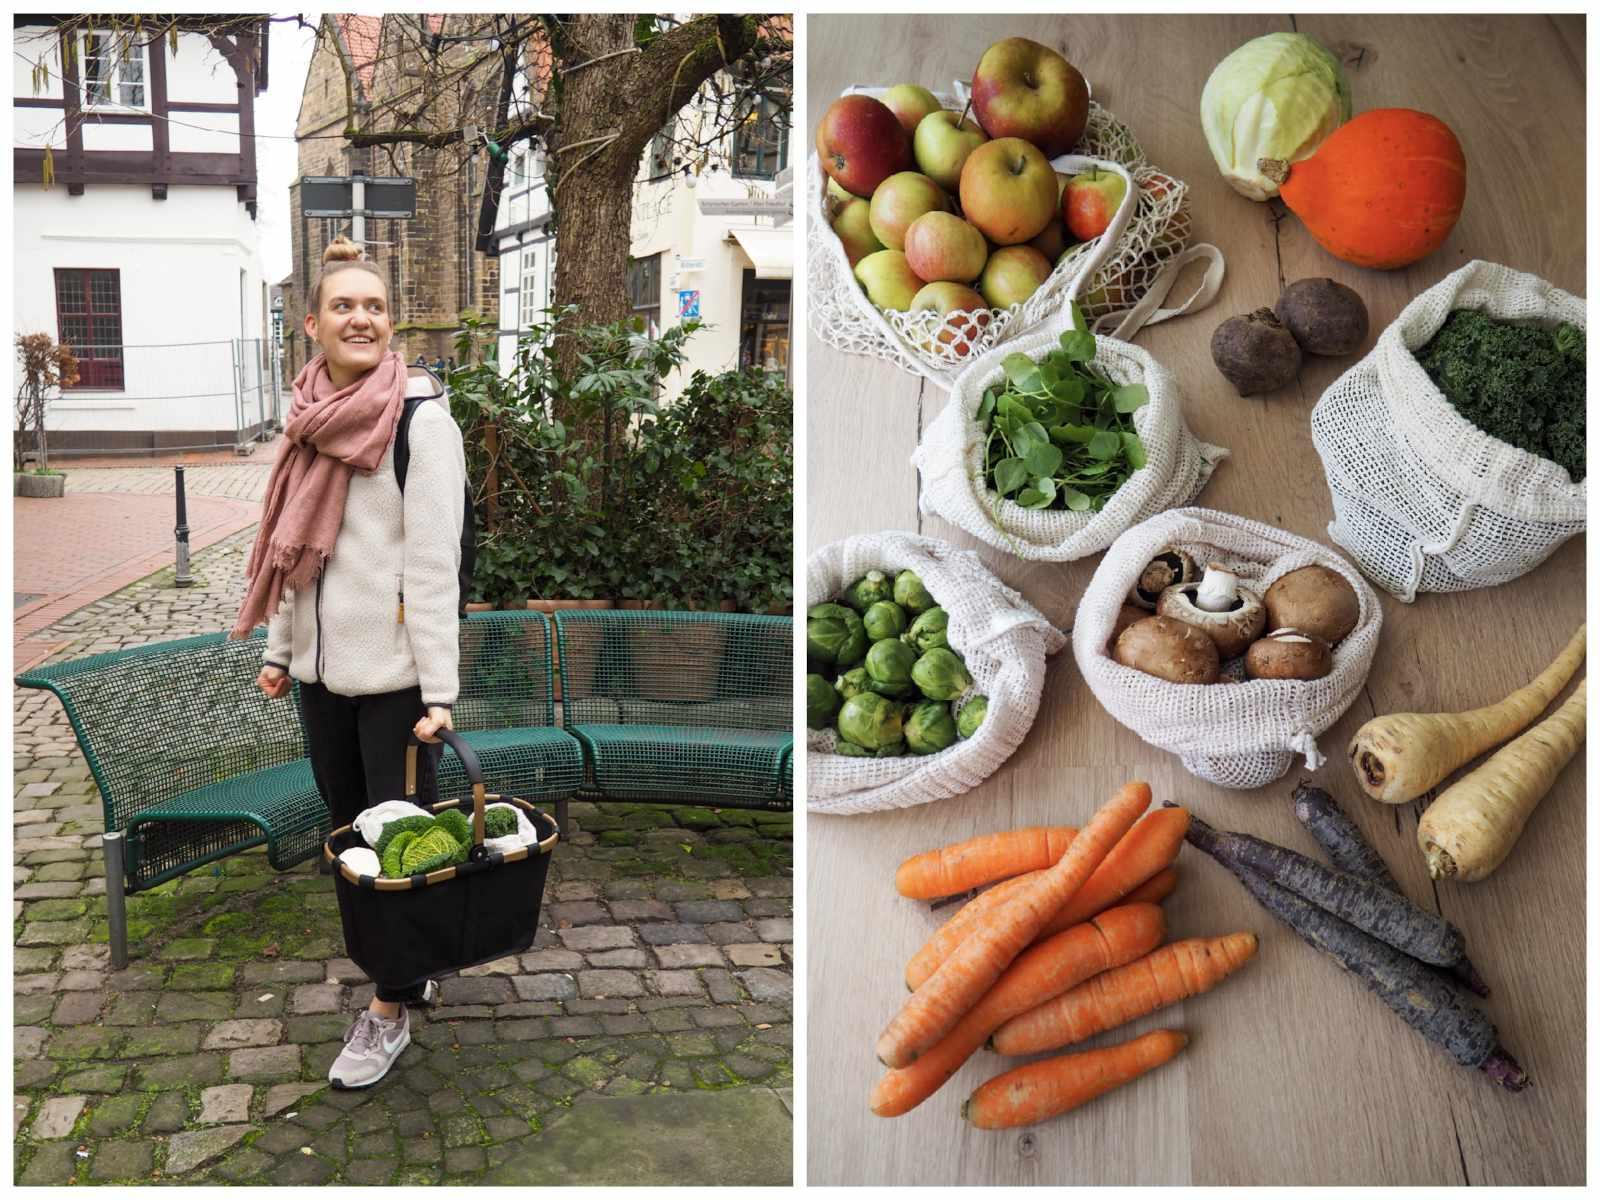 Foto von Marleen mit Einkaufskorb und regionalem Obst und Gemüse